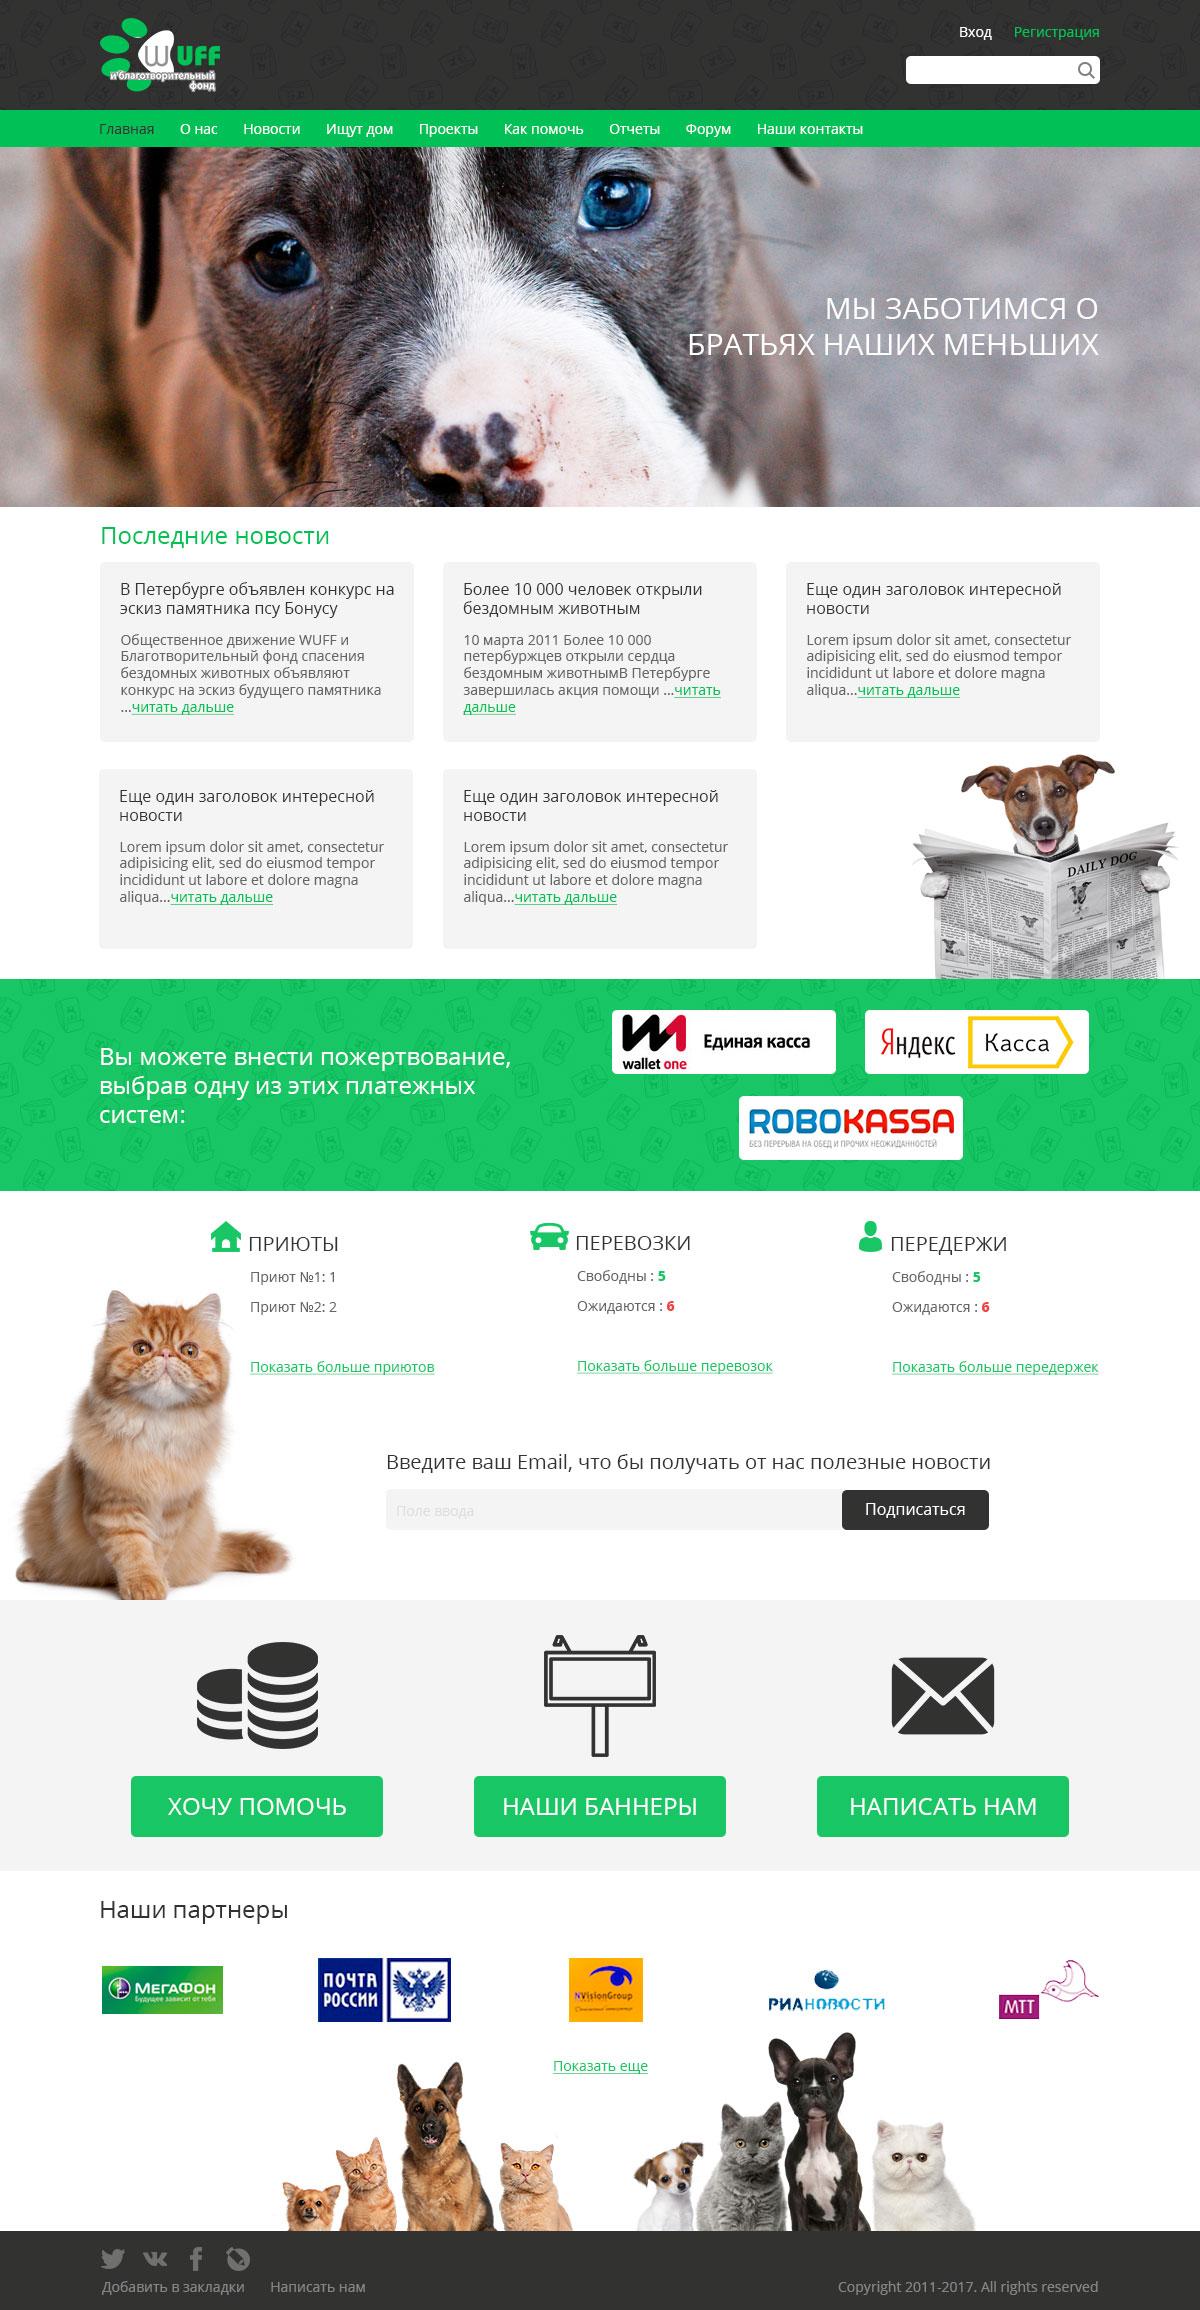 Требуется разработать дизайн сайта помощи бездомным животным фото f_53158750f19edb7b.jpg